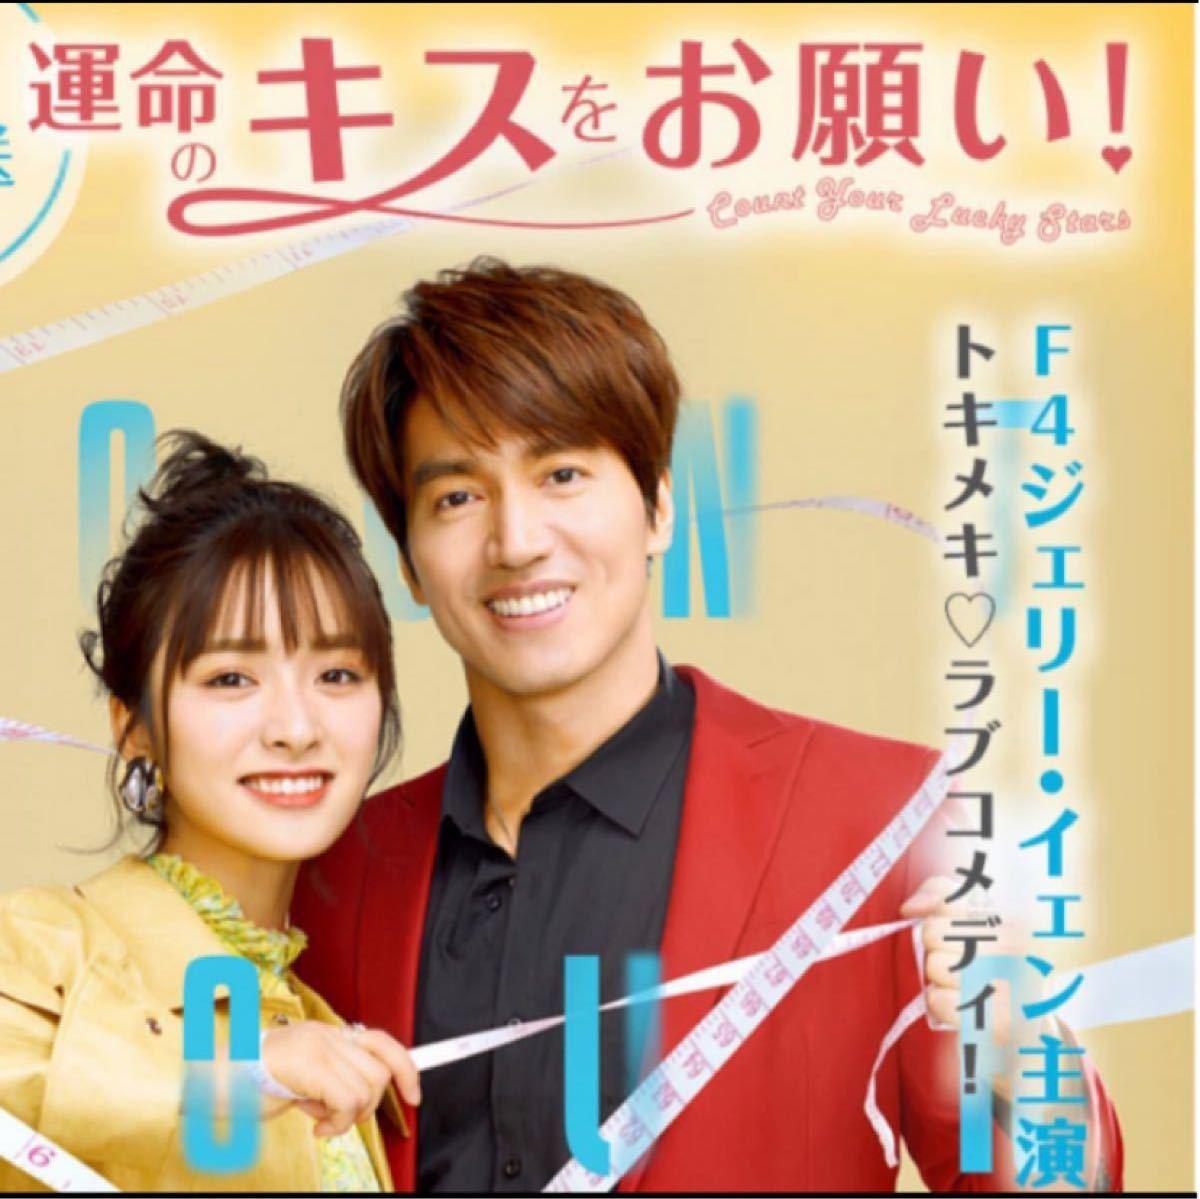 中国ドラマ 運命のキスをお願い【Blu-ray】